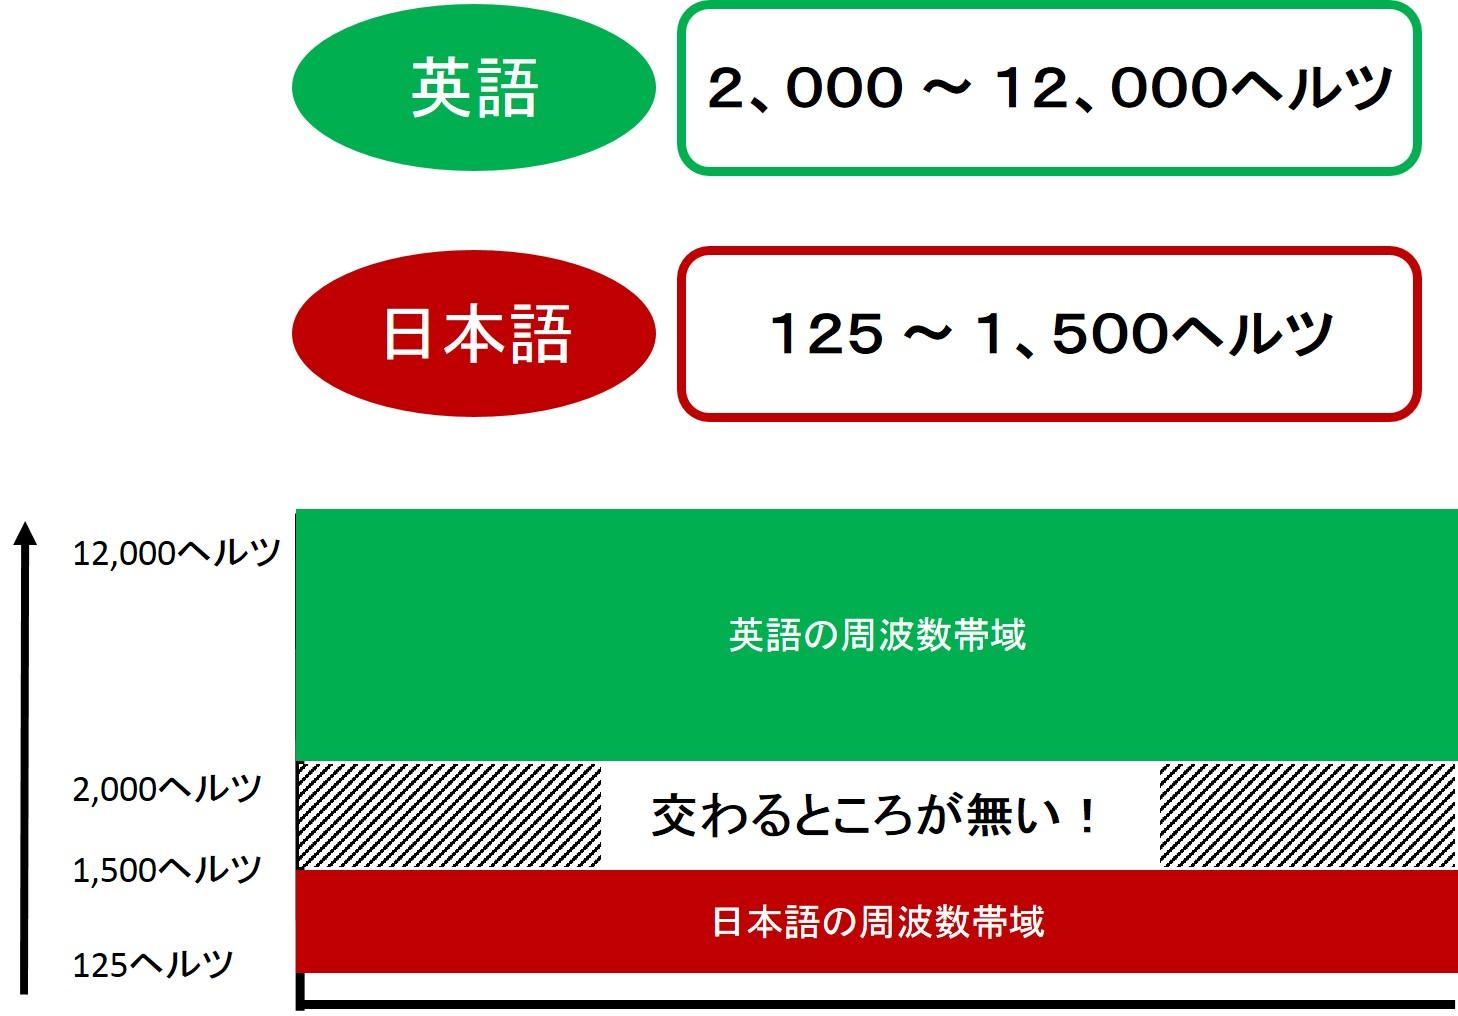 リスニング時の英語と日本語の周波数の違いの説明図